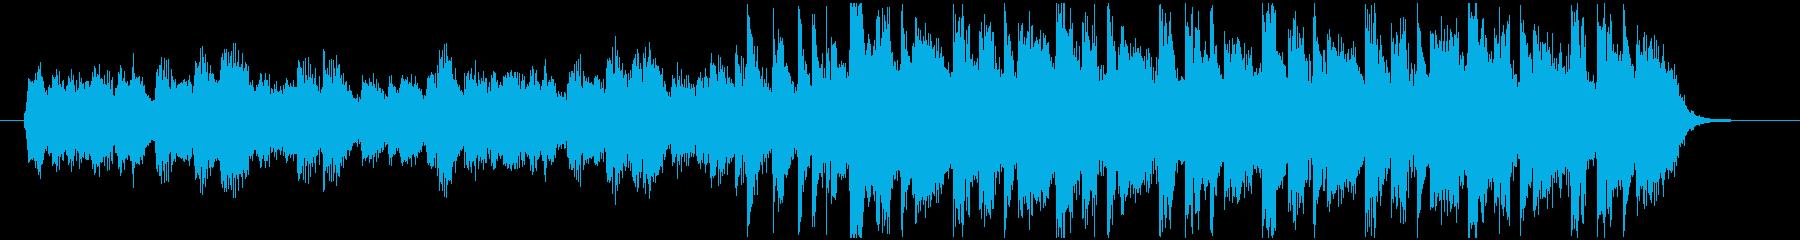 ニュースやラジオのオープニング系ジングルの再生済みの波形